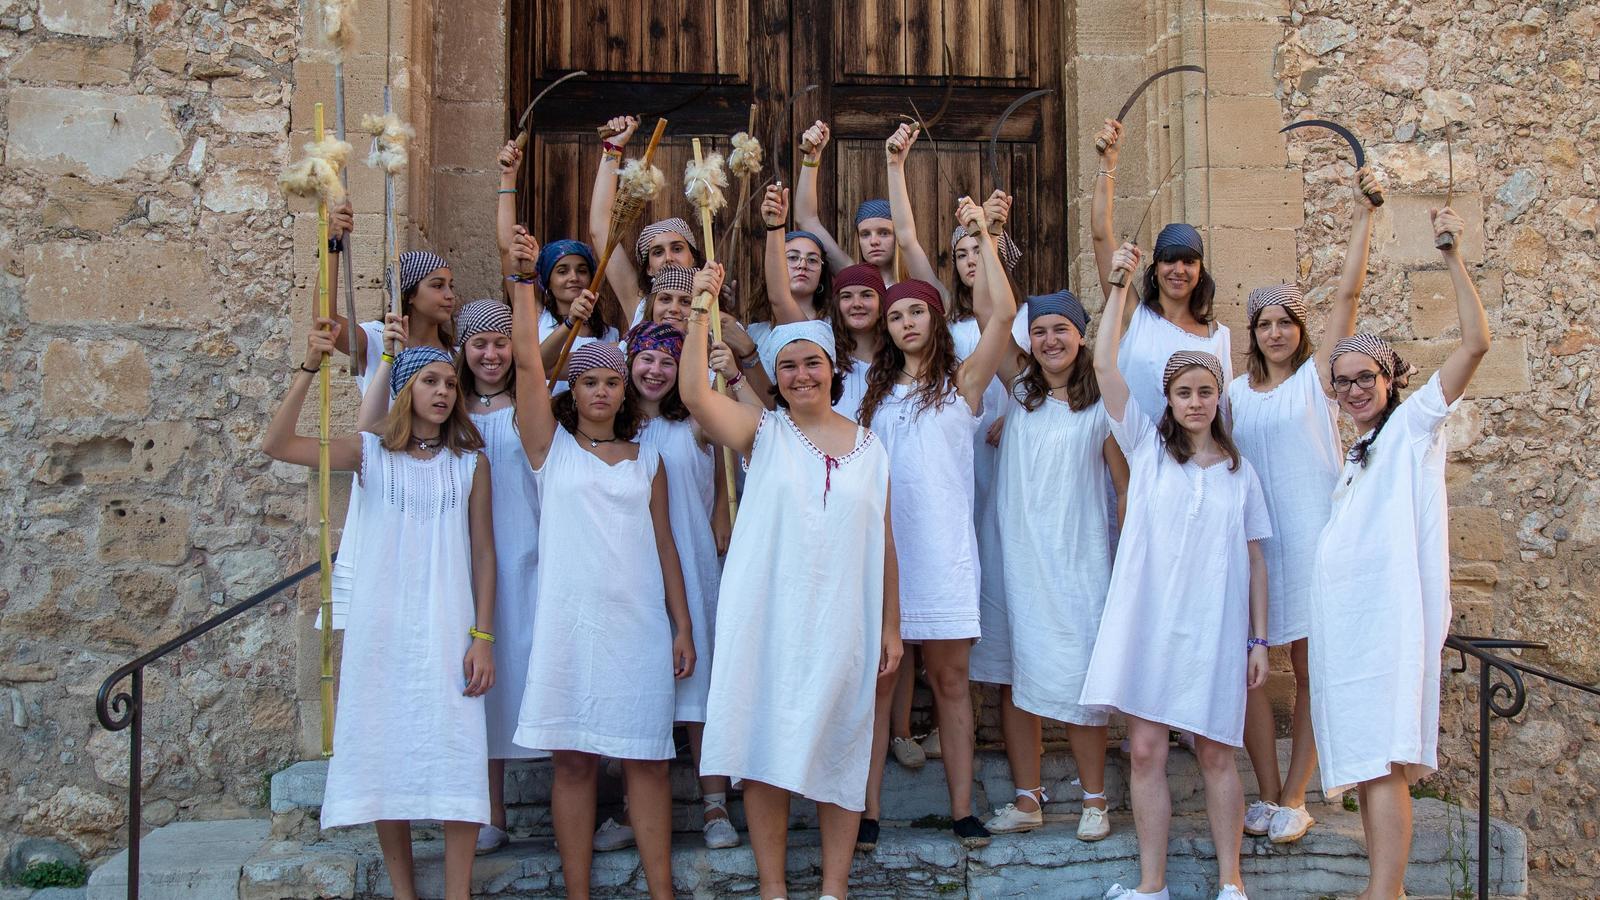 Joves amb la vestimenta amb què Mala Pècora vol participar en el simulacre.